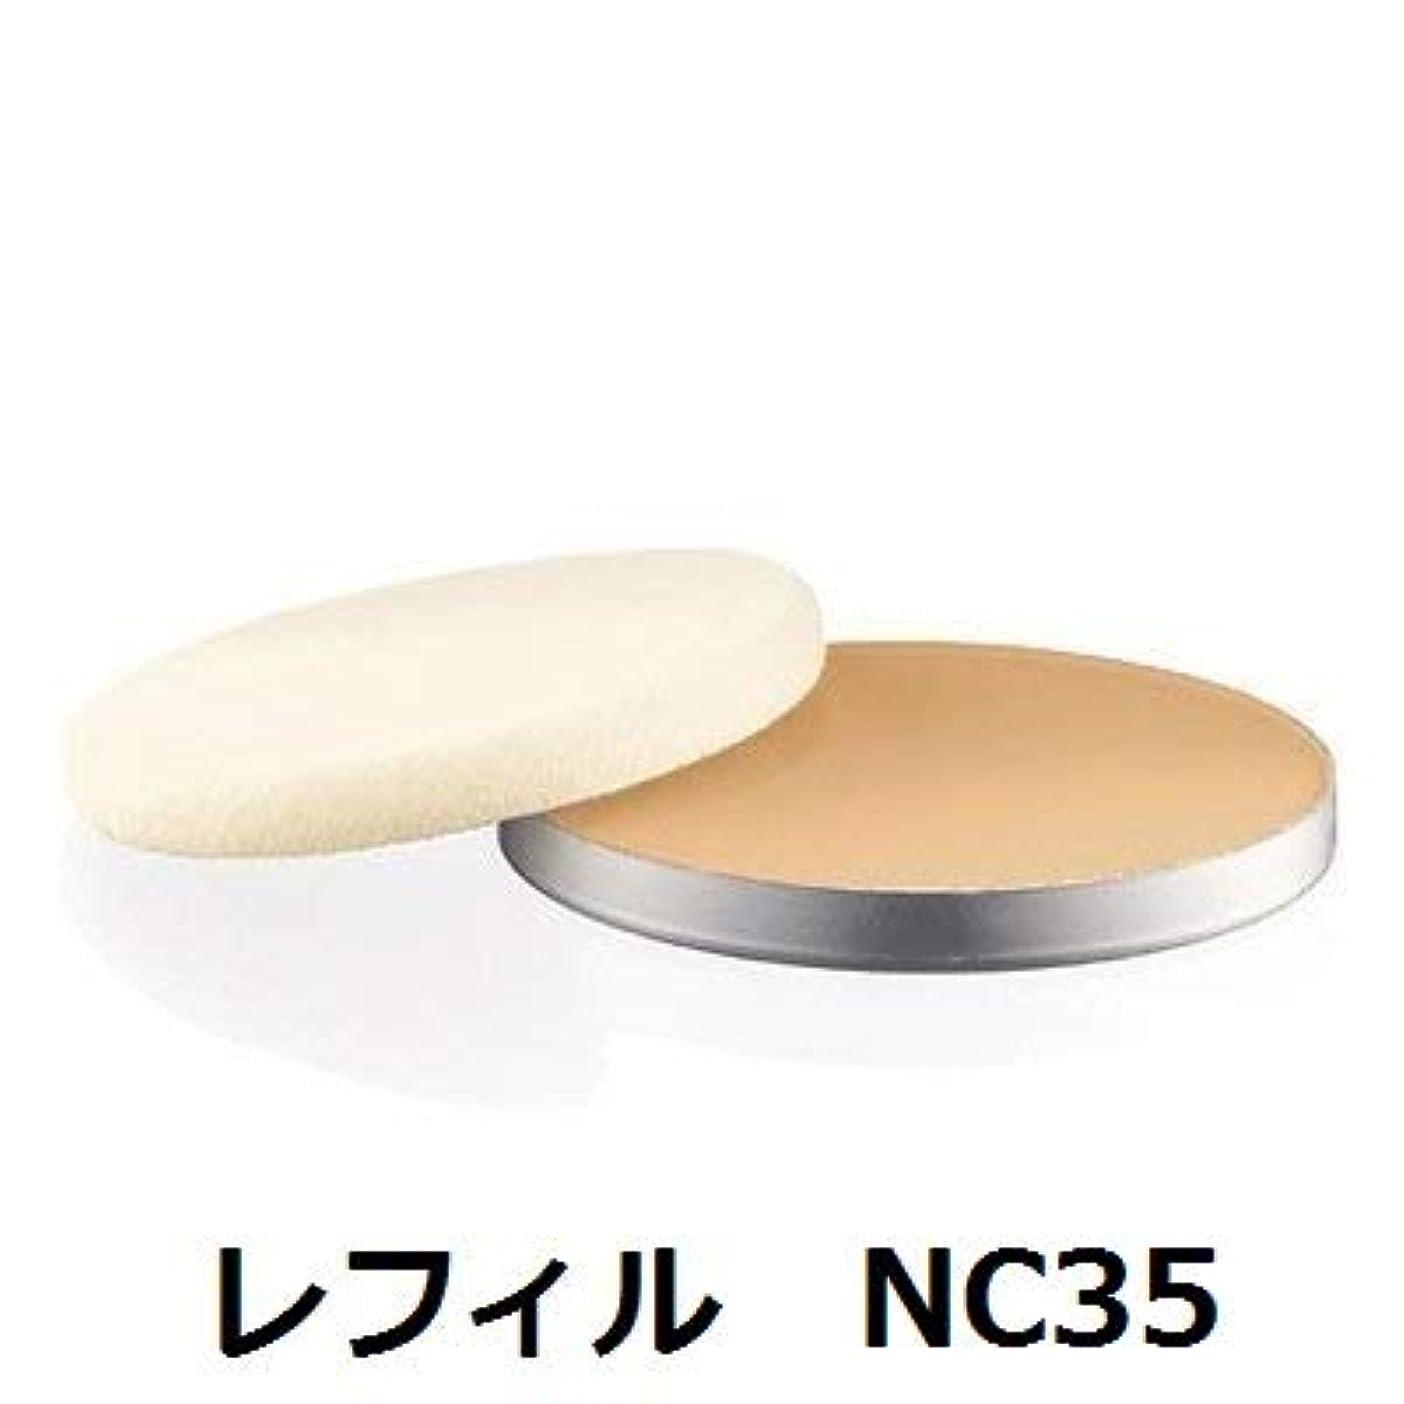 メリーカジュアル雰囲気マック(MAC) ライトフルC+SPF 30ファンデーション レフィル #NC35 14g [並行輸入品]